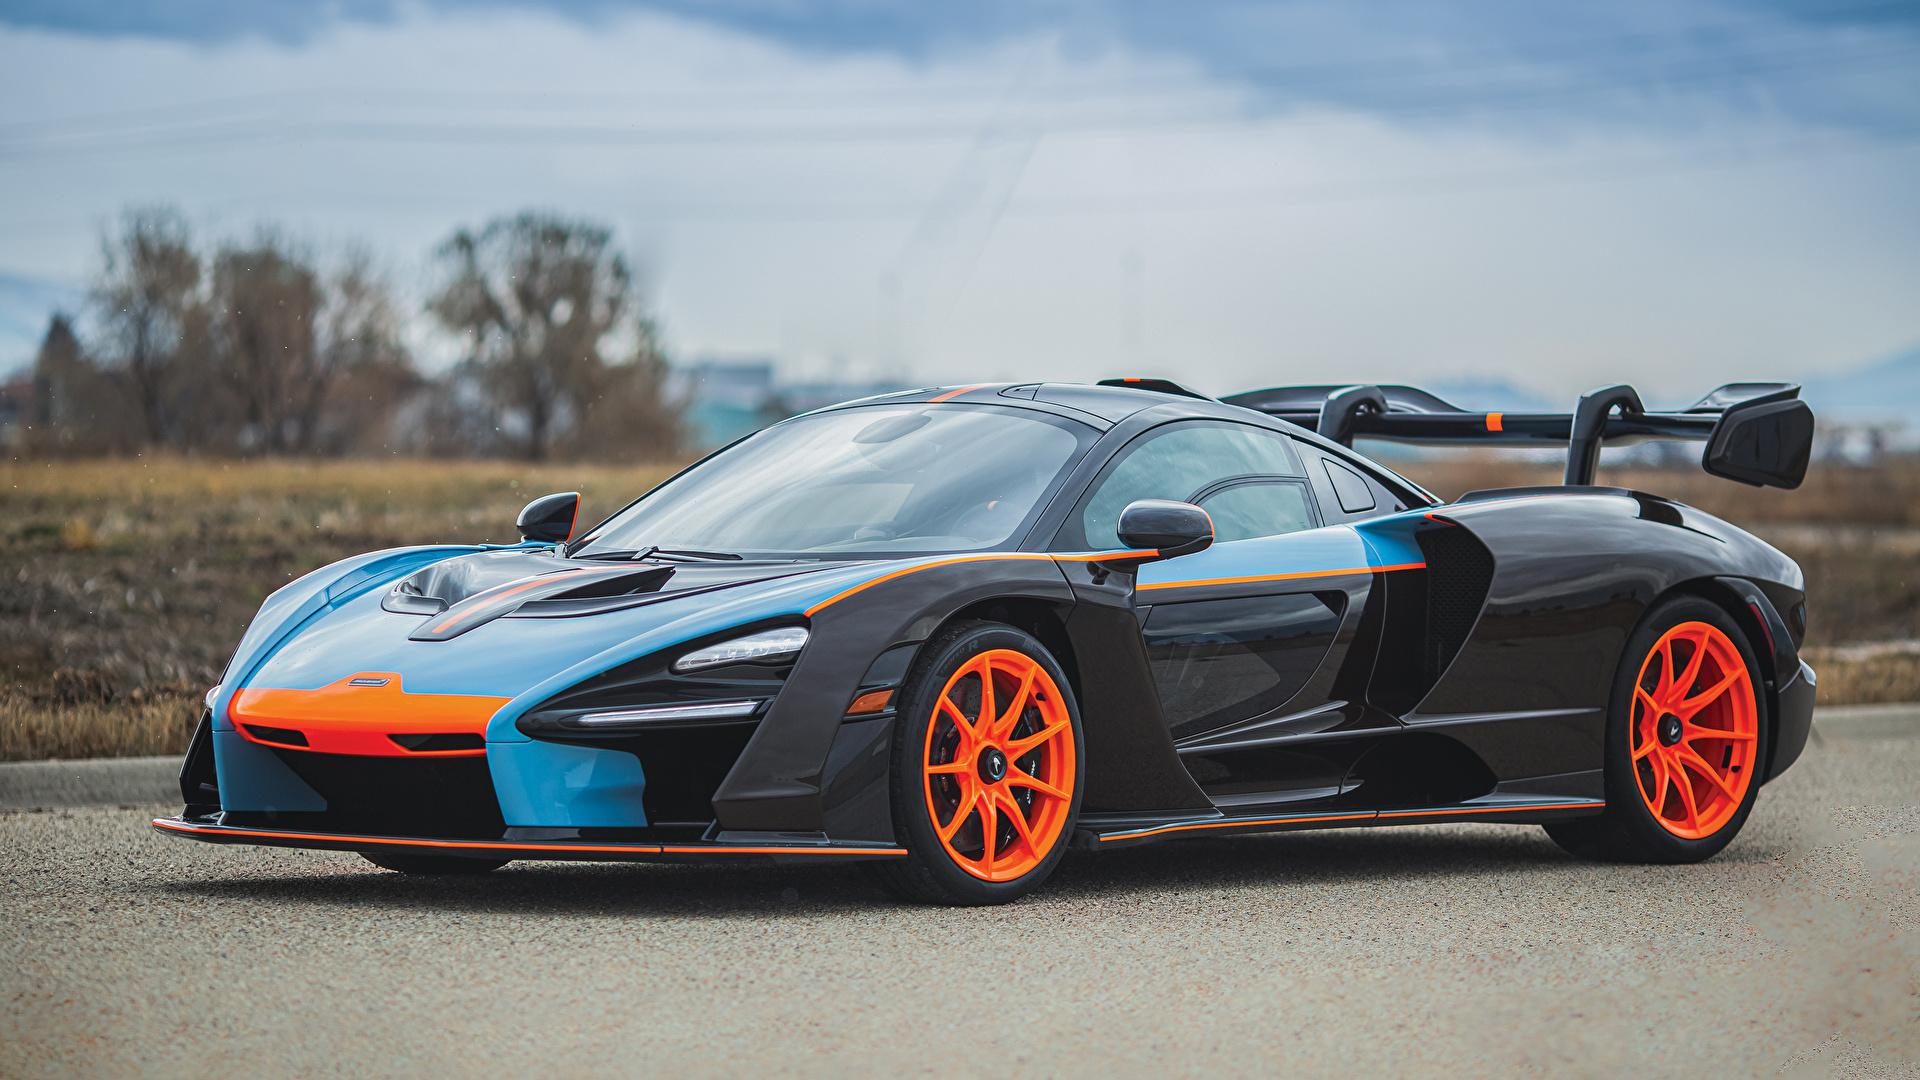 Картинки Макларен 2019 MSO Senna Gulf Oil Theme Черный Металлик автомобиль 1920x1080 McLaren черных черные черная авто машина машины Автомобили